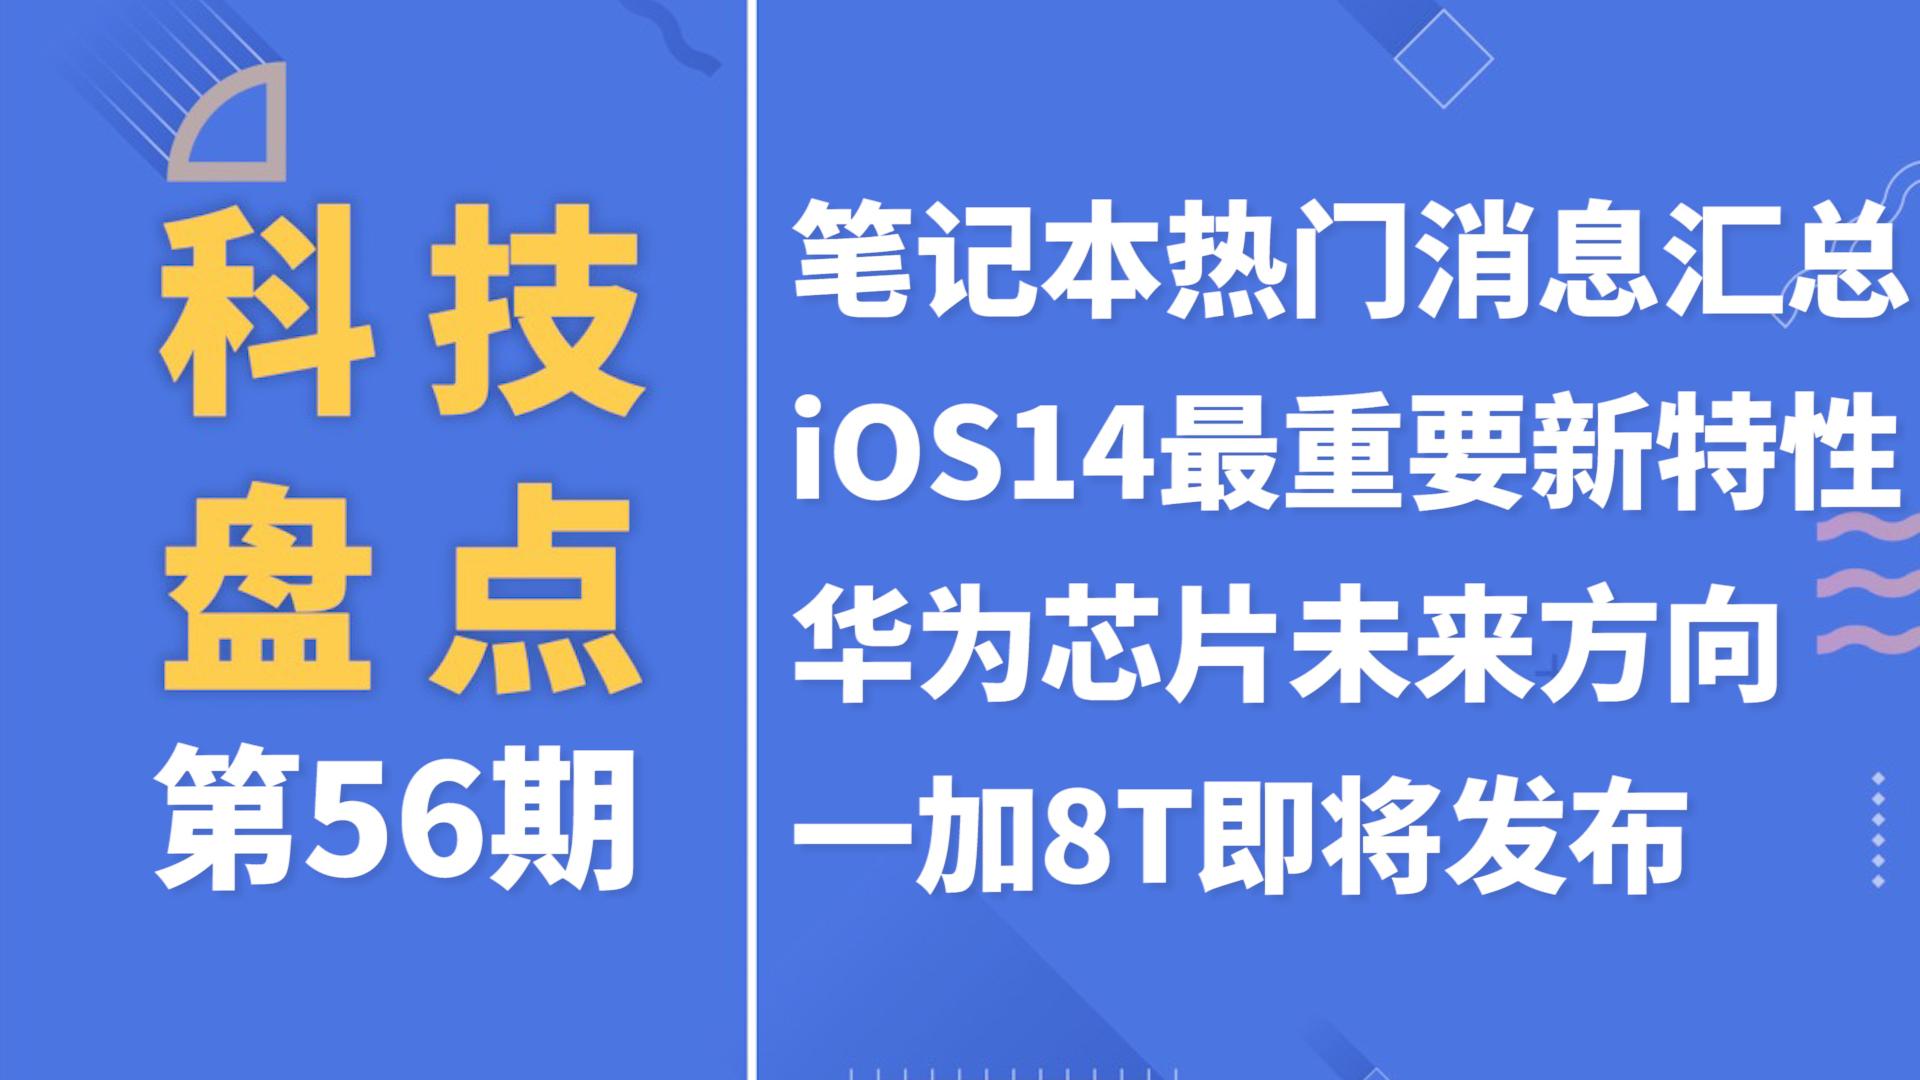 「科技盘点」56.笔记本电脑消息汇总 | 华为芯片未来方向 | 一加8T即将发布 | iOS14等